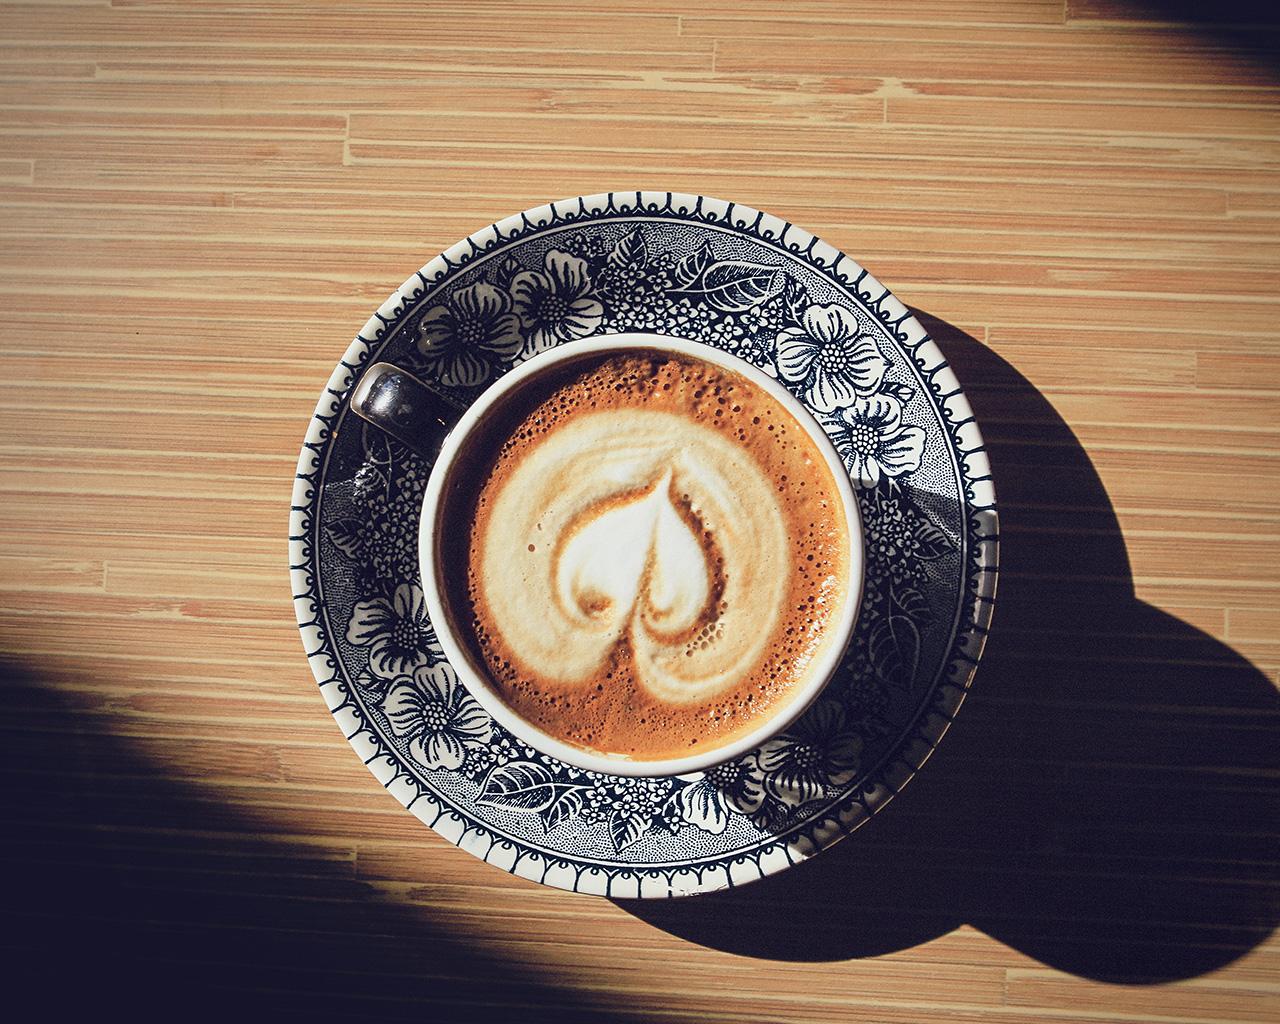 Wallpaper For Desktop Laptop Mv01 Heart Coffee